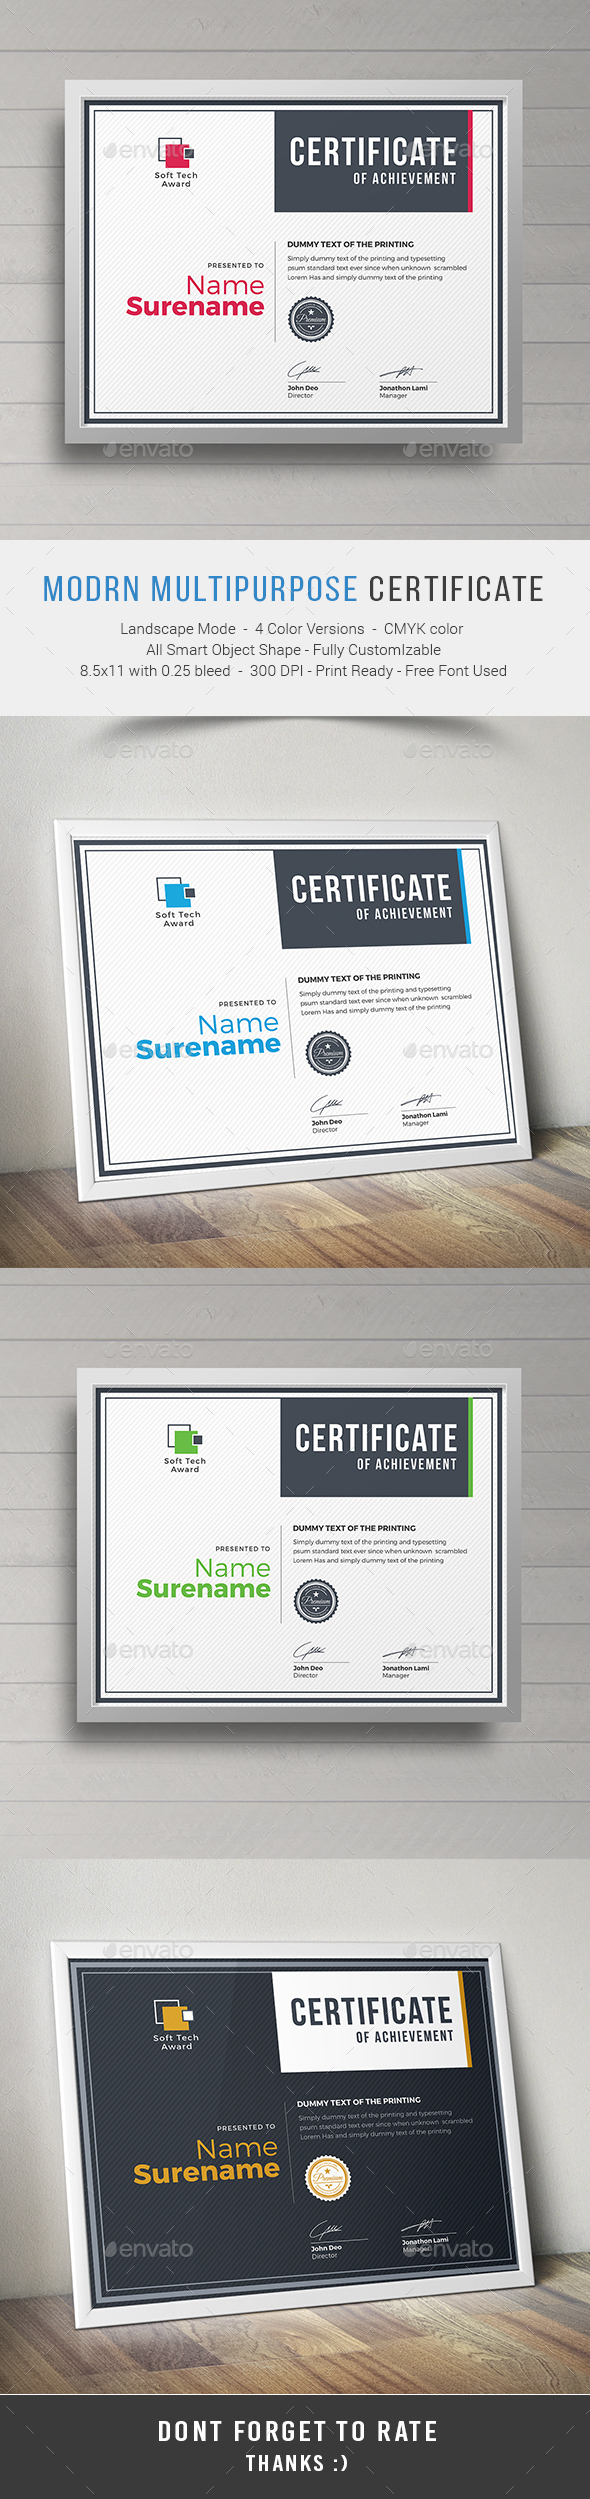 Certificate | Zertifikat design, Zertifikat und Designs